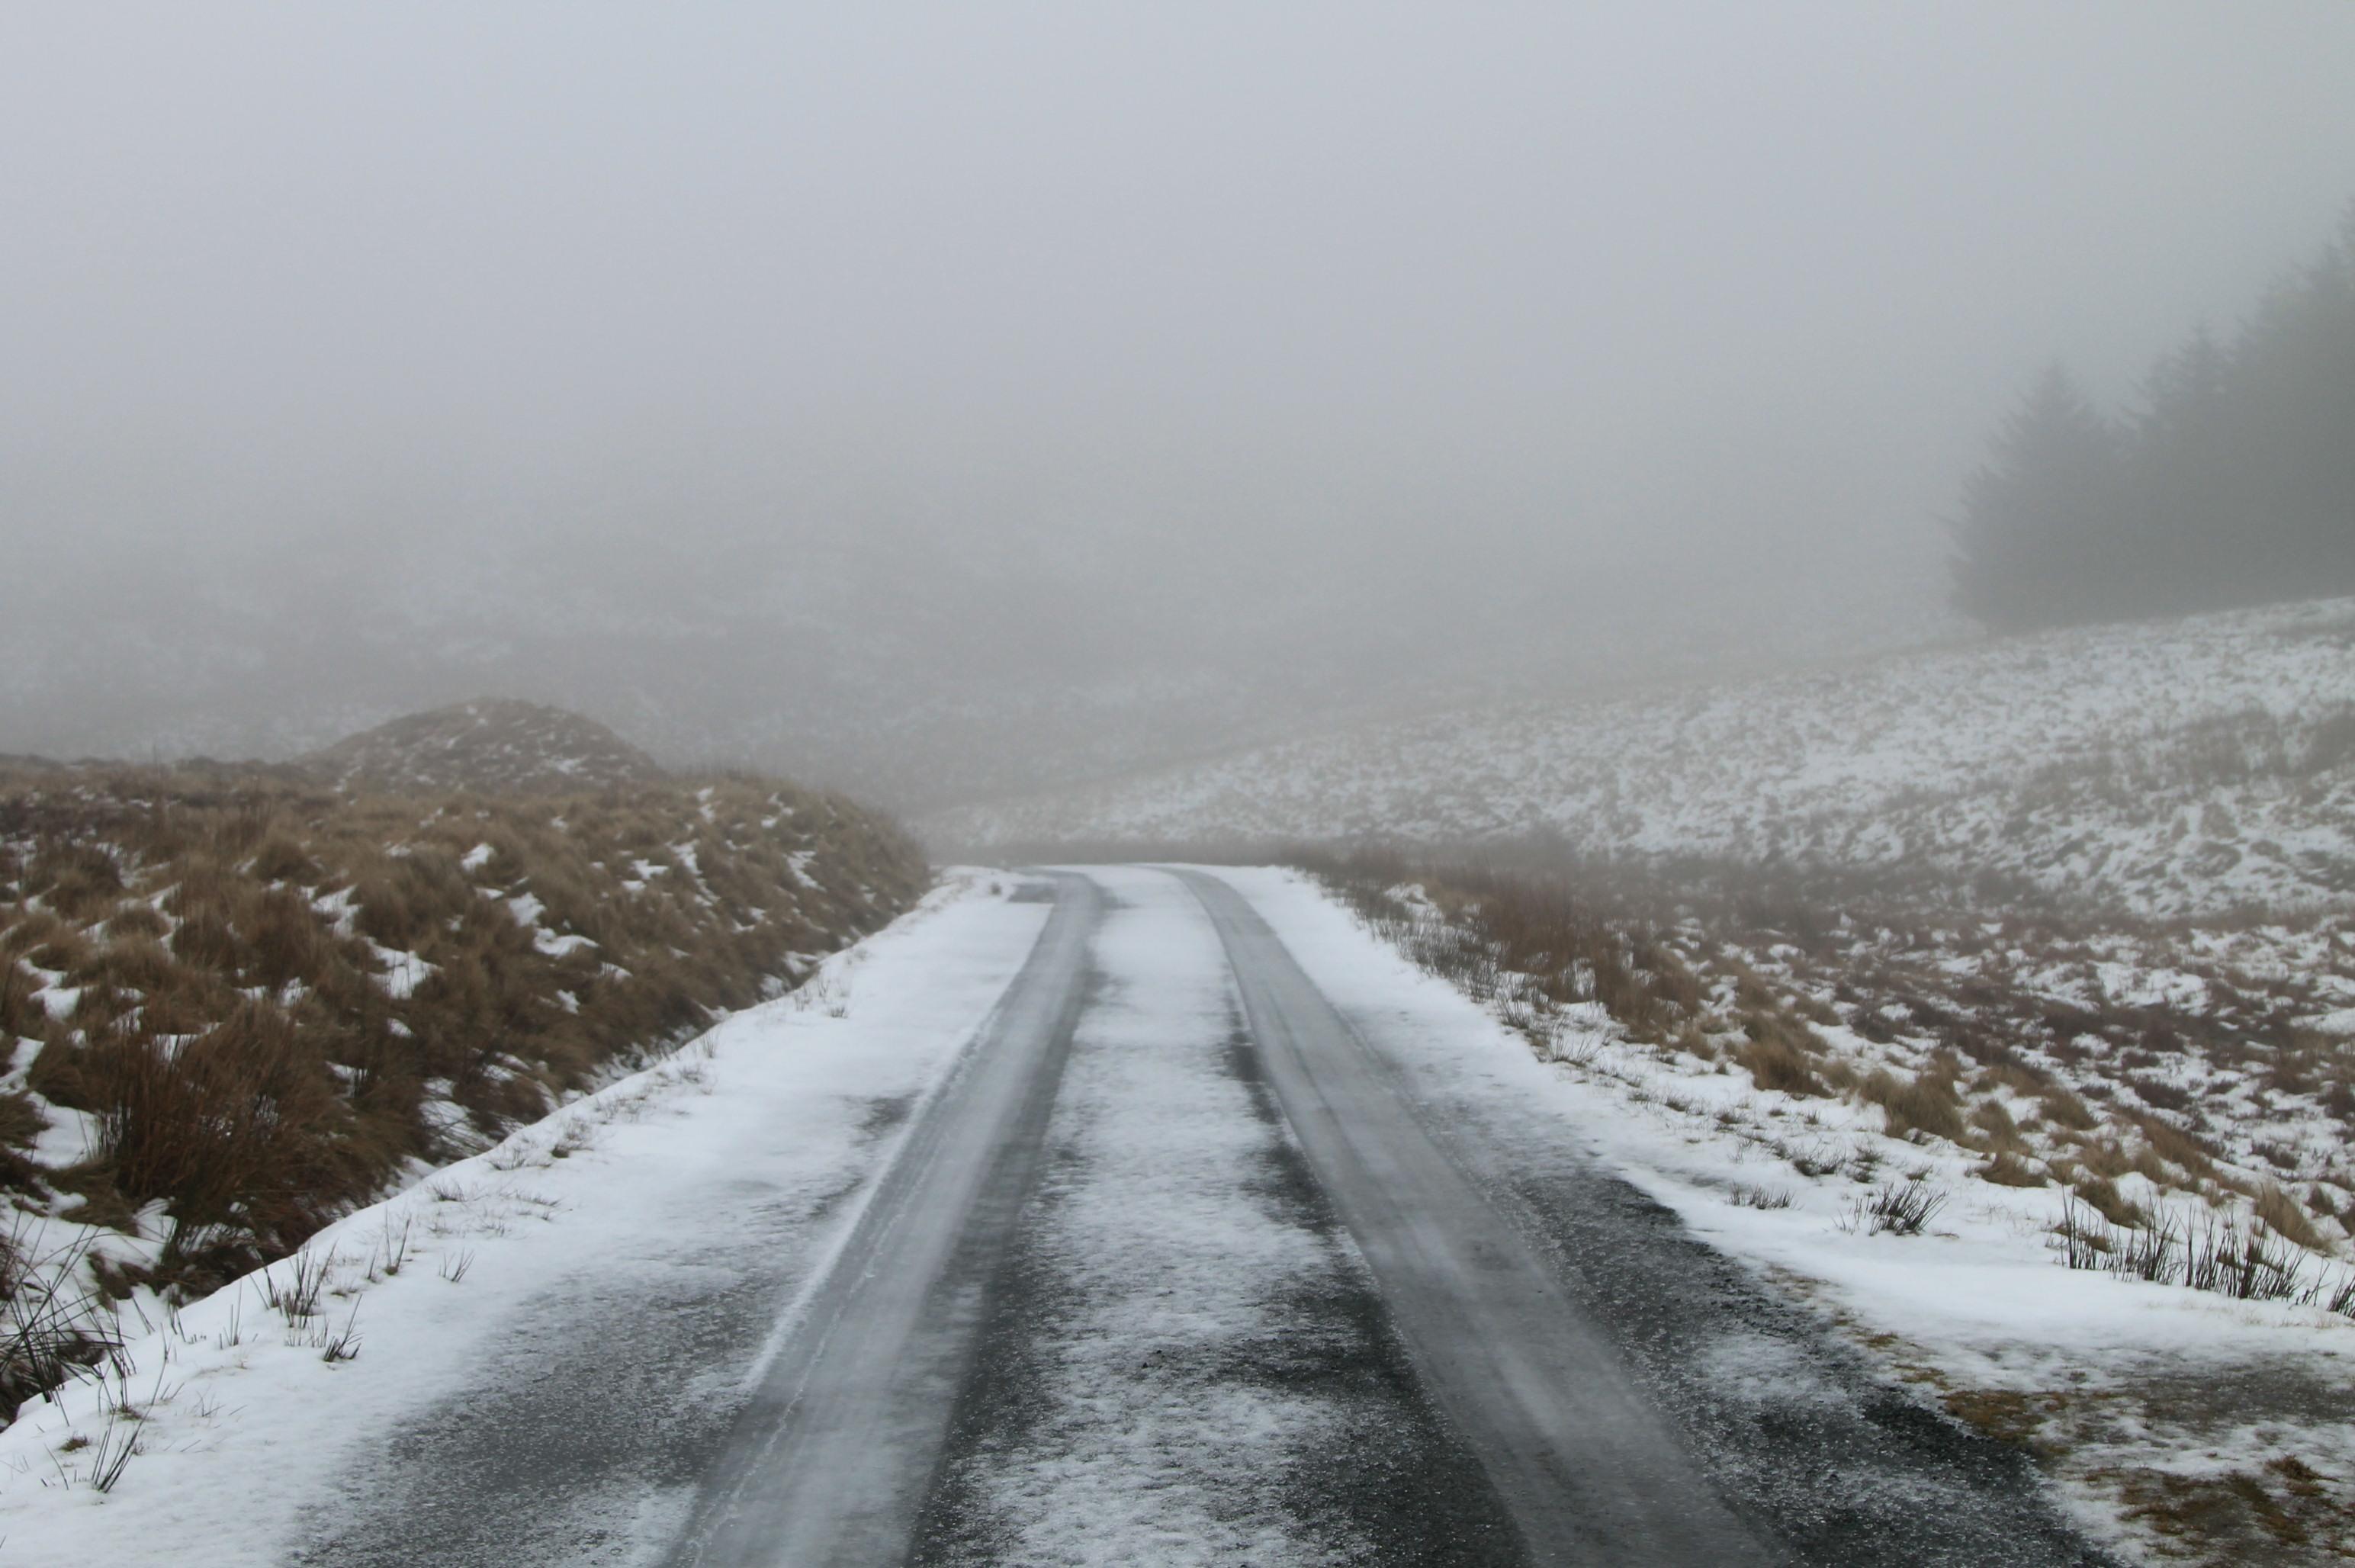 estrada com neve e marcas de roda no interior do pais de gales, snowdonia.